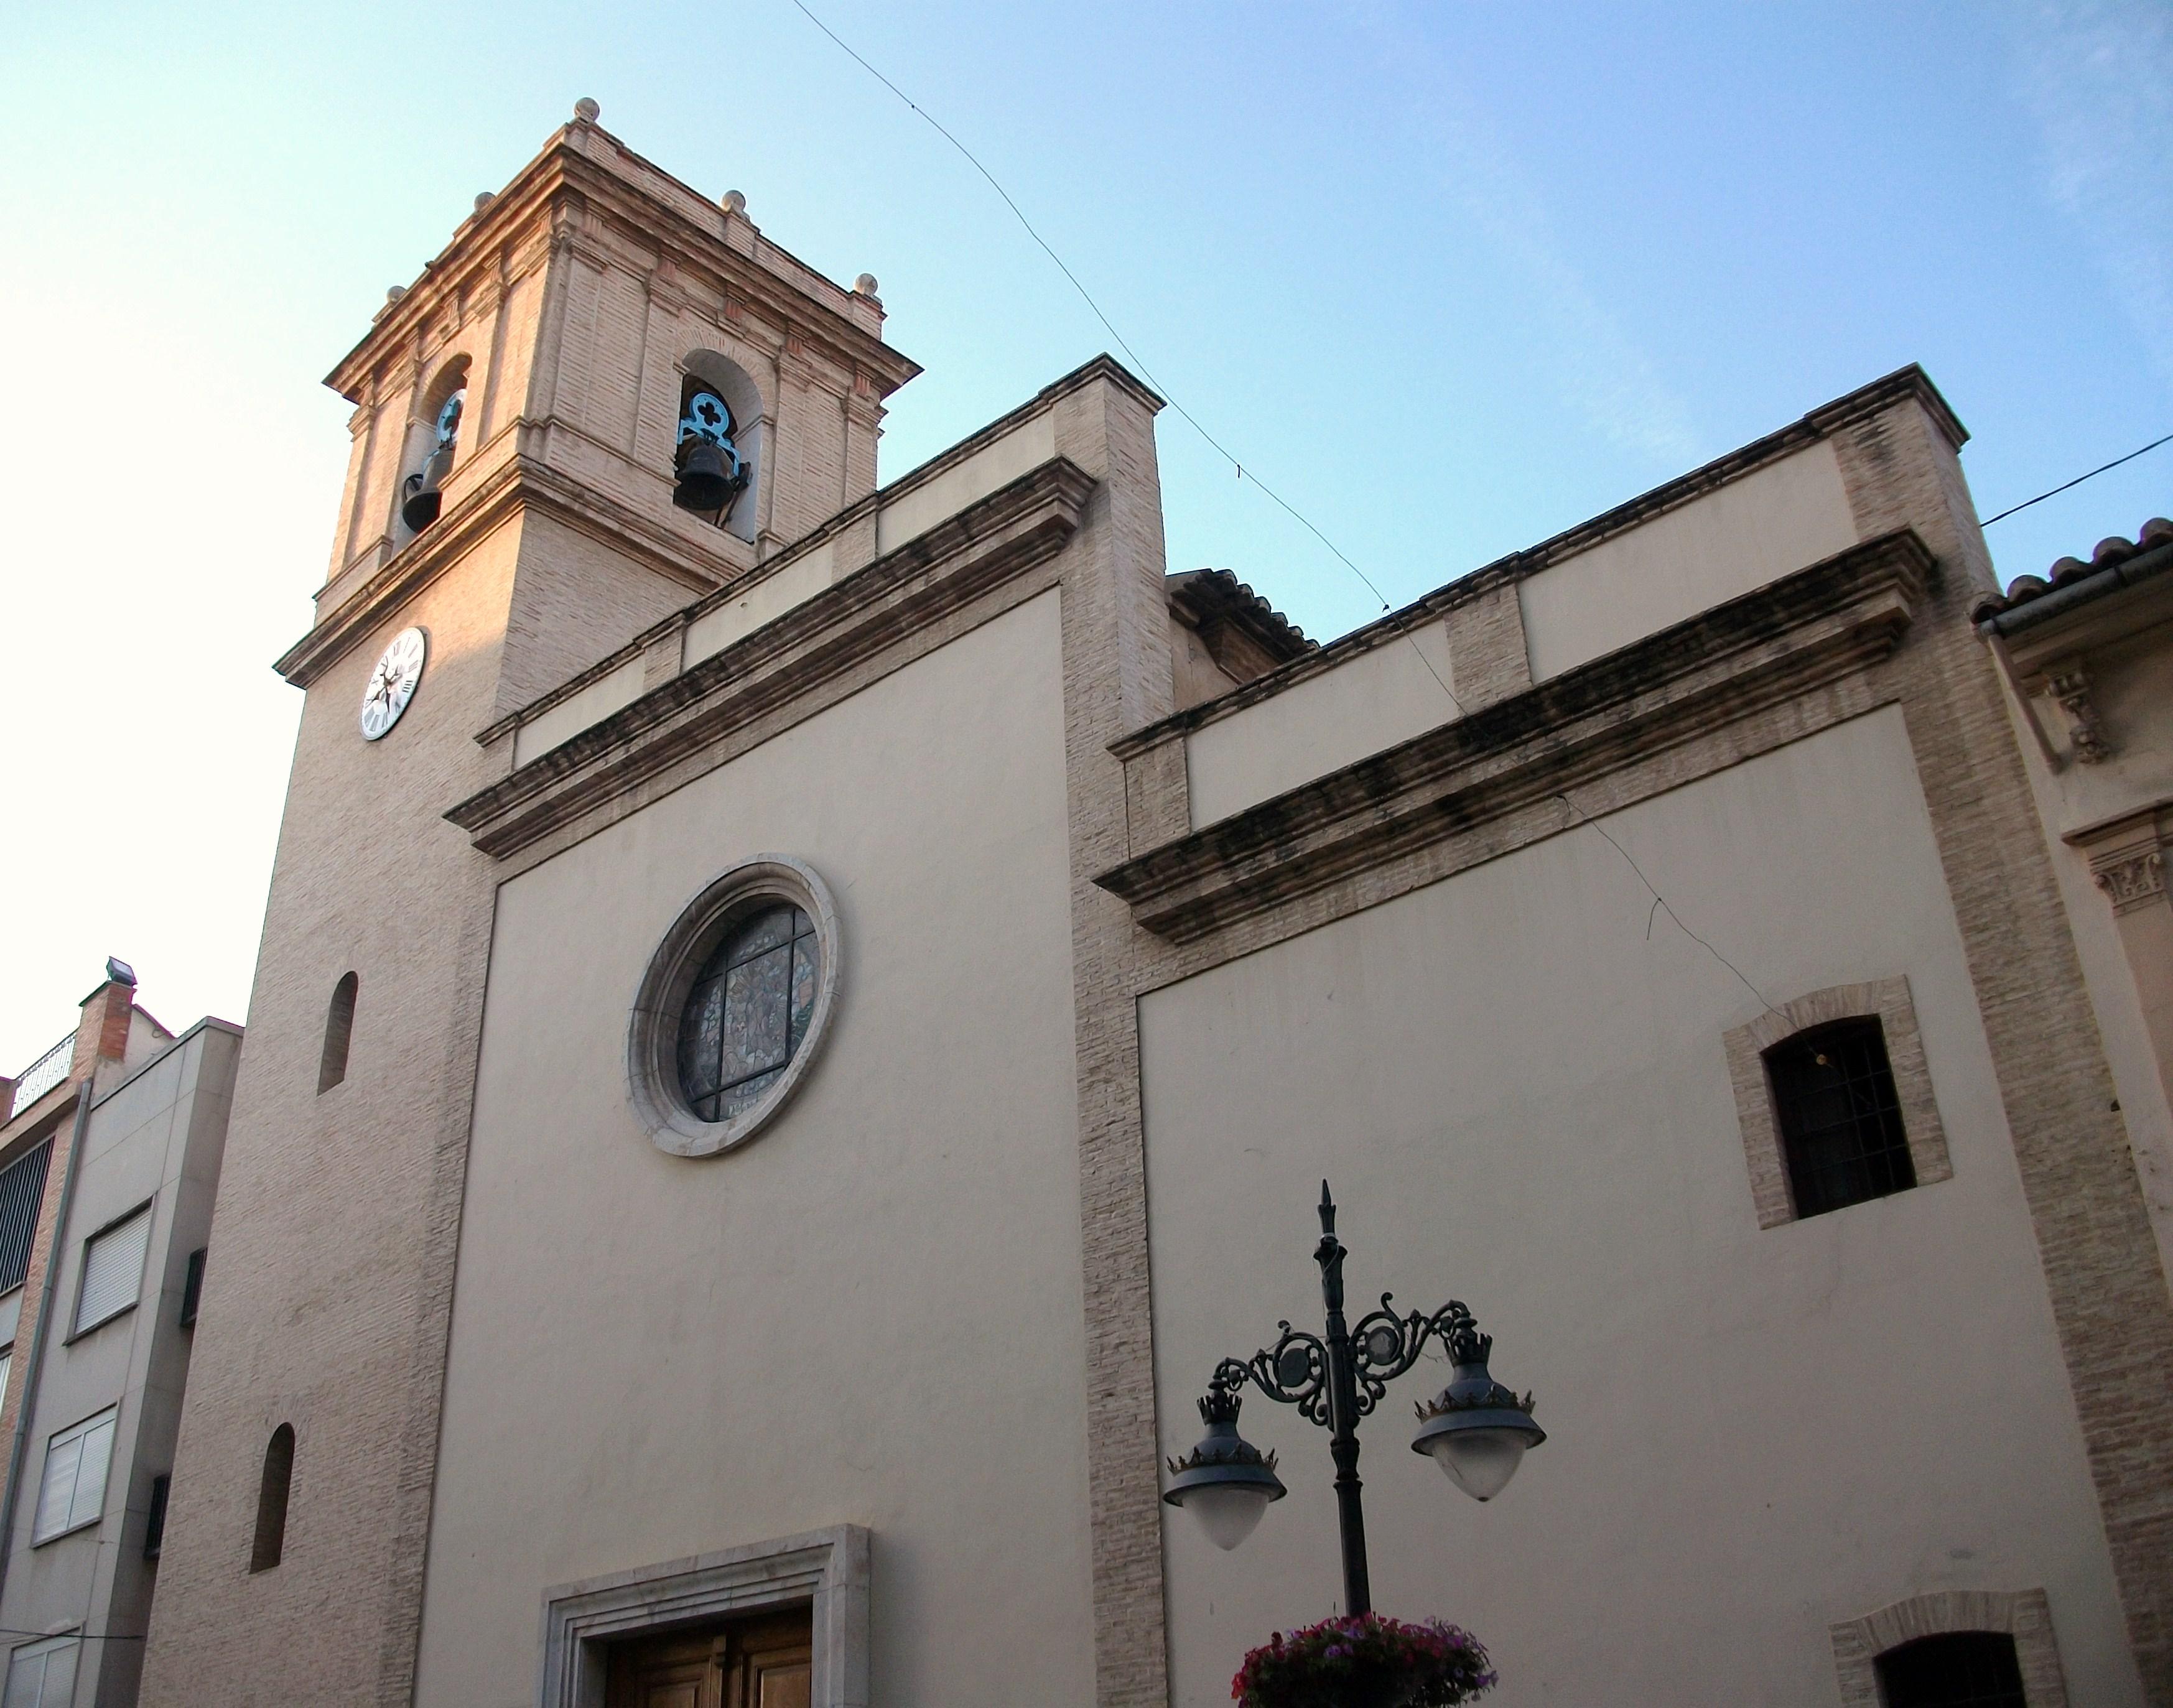 File:Església de la Mare de Déu dels Àngels de Mislata.jpg - Wikimedia Commons